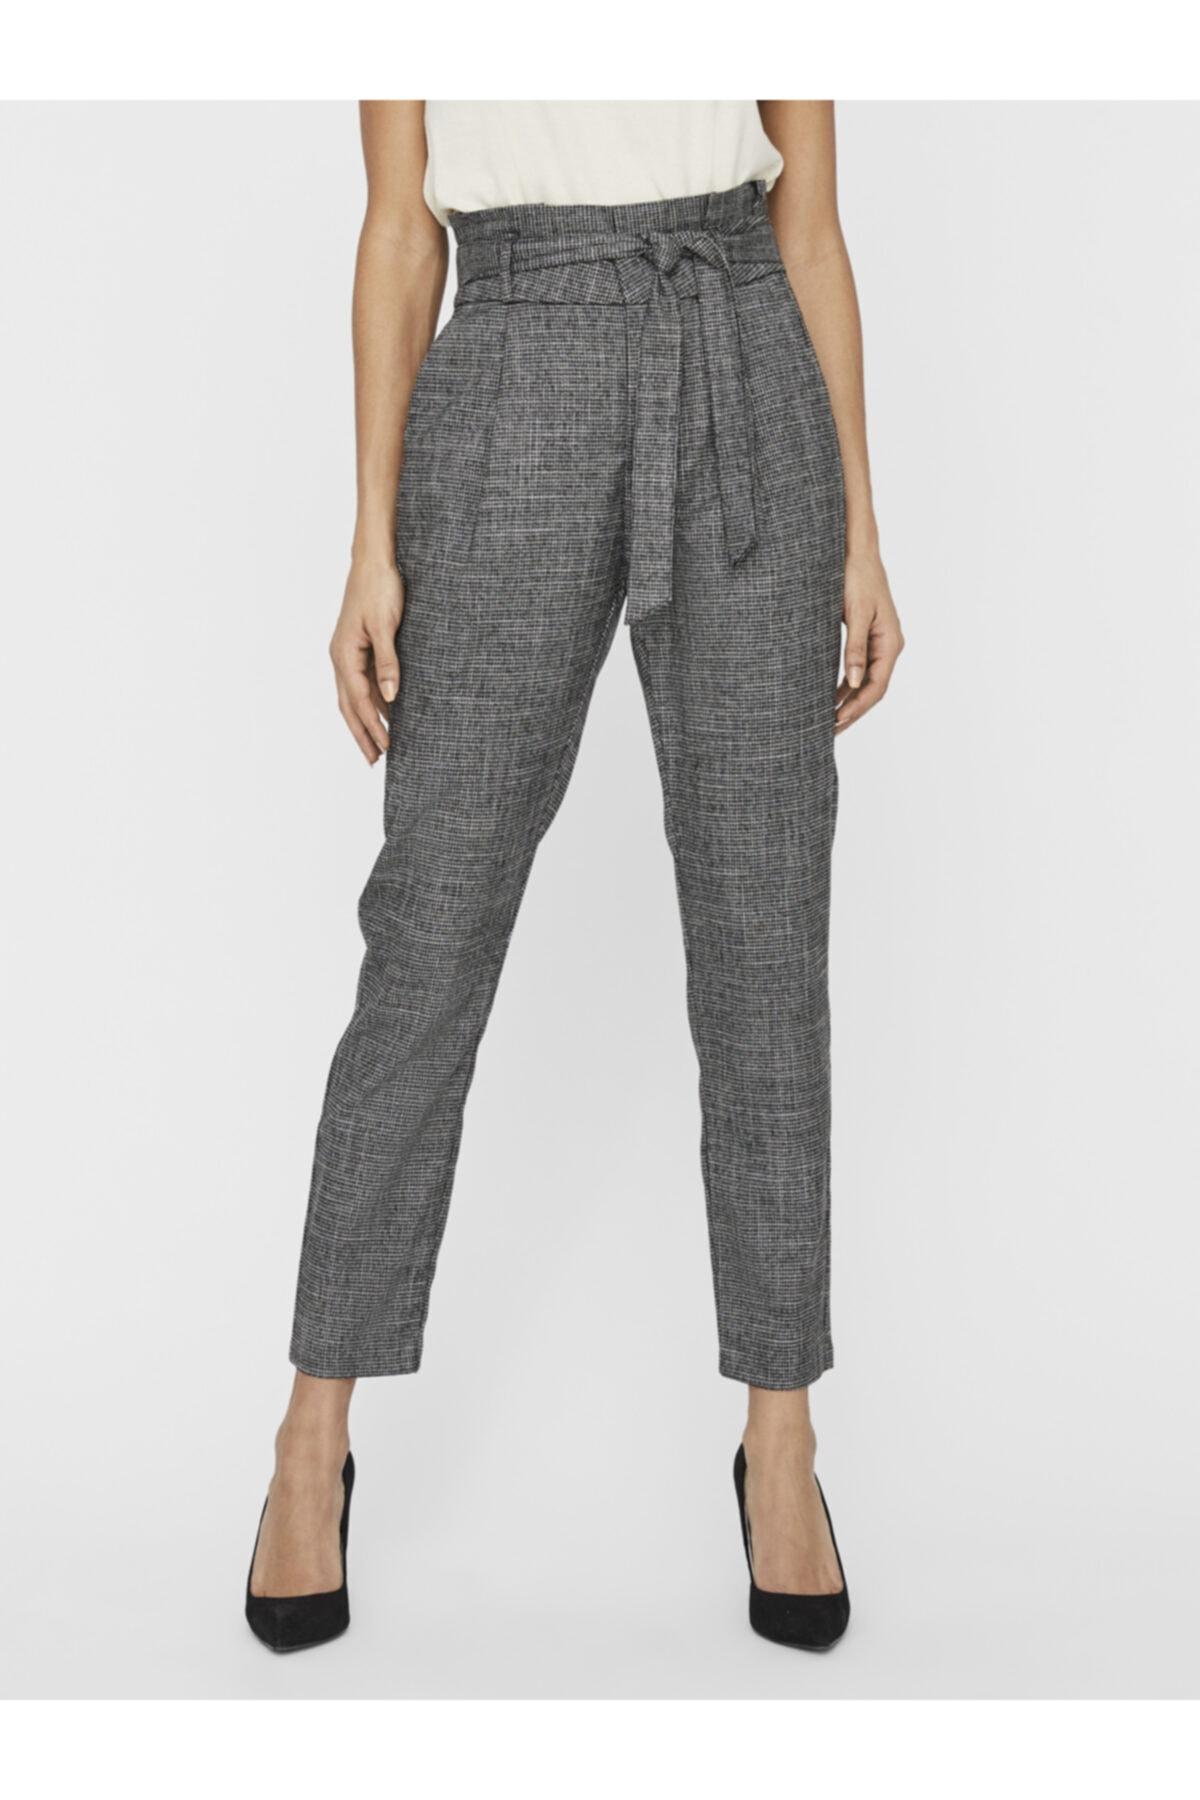 Vero Moda Kadın Siyah Paperbag Yüksek Bel Pantolon 10233811 VMEVA 2